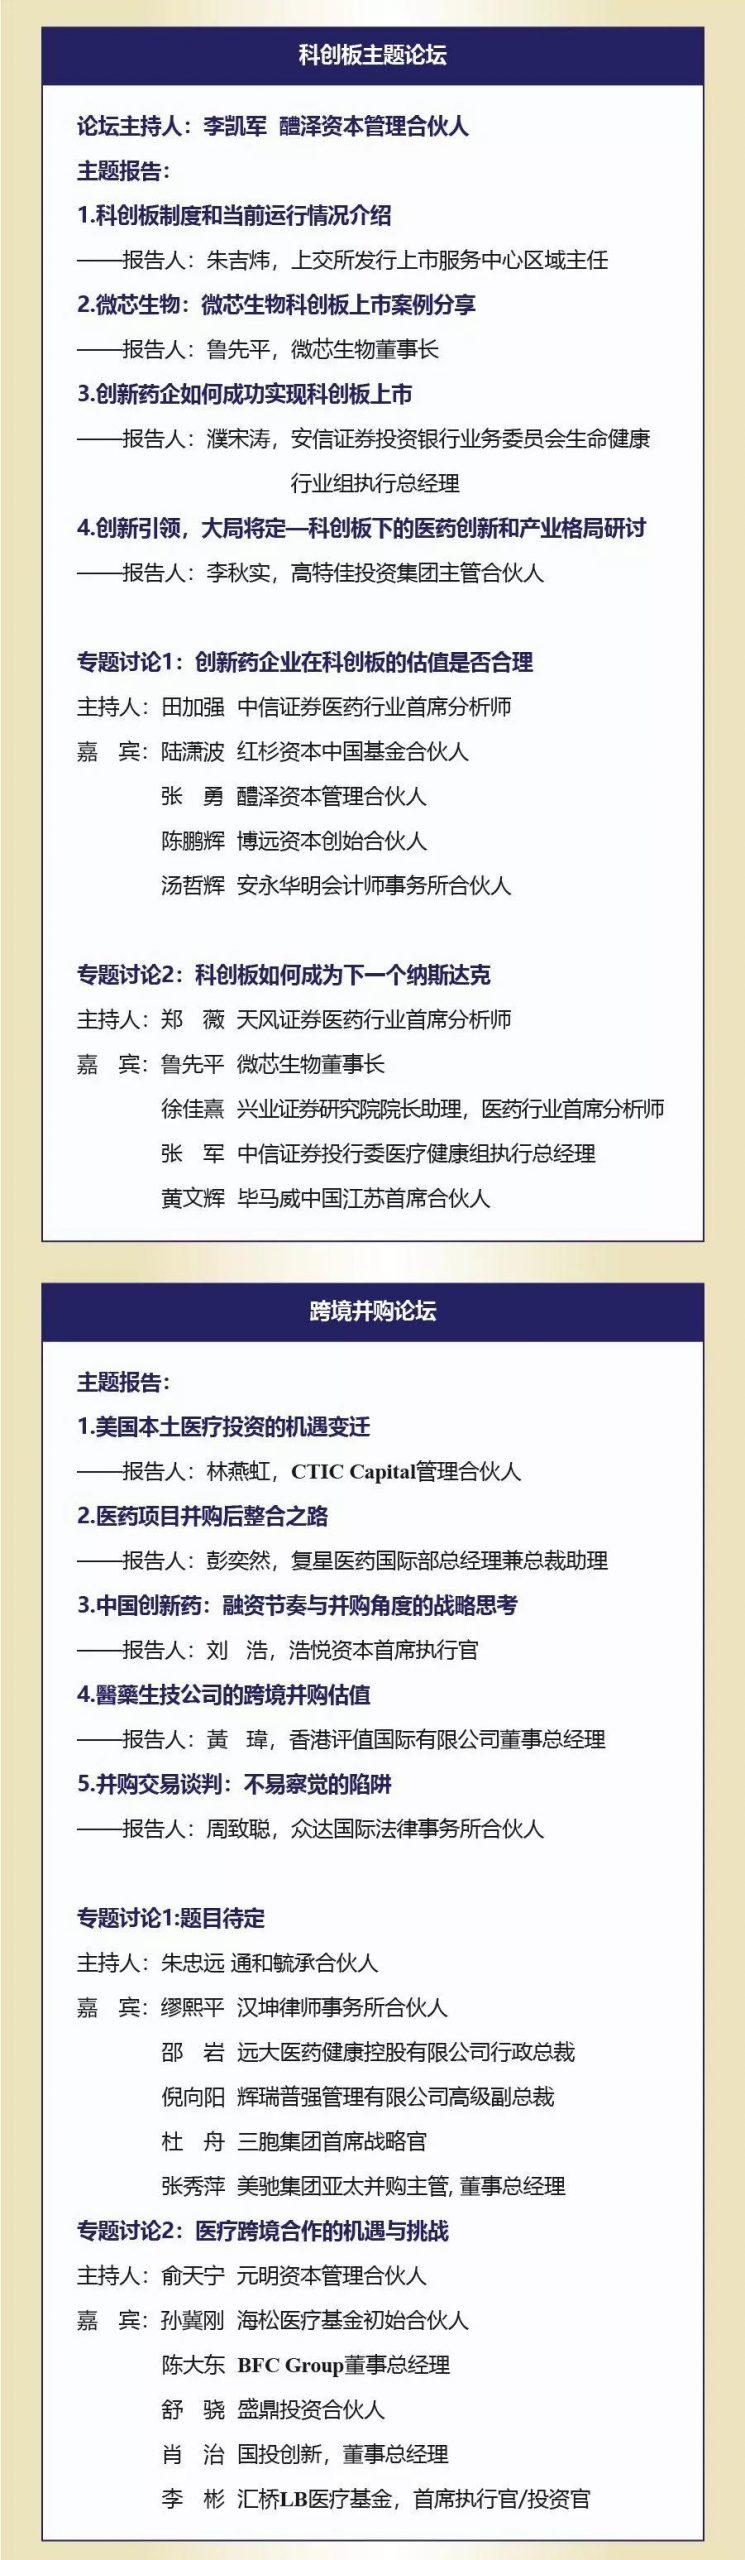 第四届创投大会(CBIIC)今日召开 大会在线日程轻松查看!